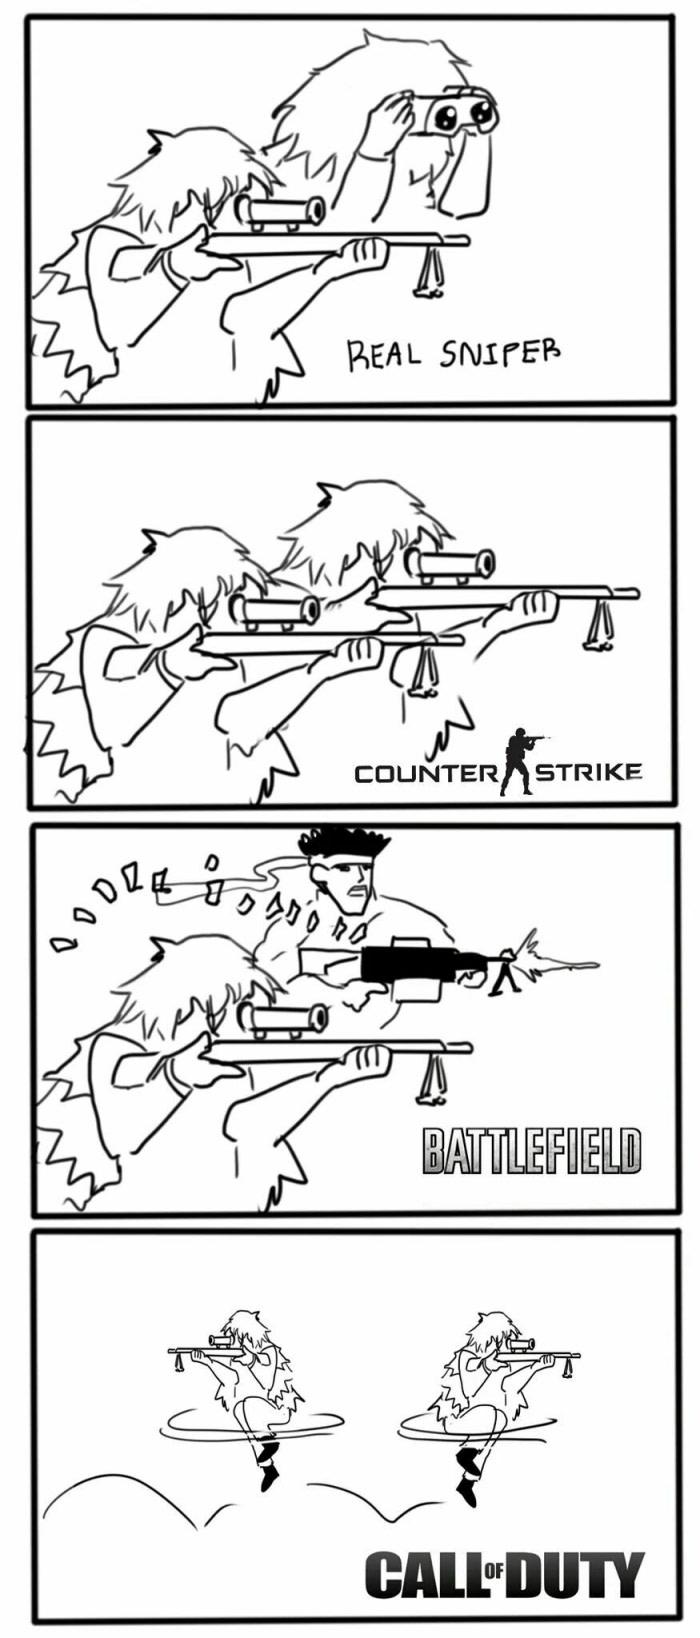 Sniper in FPS games